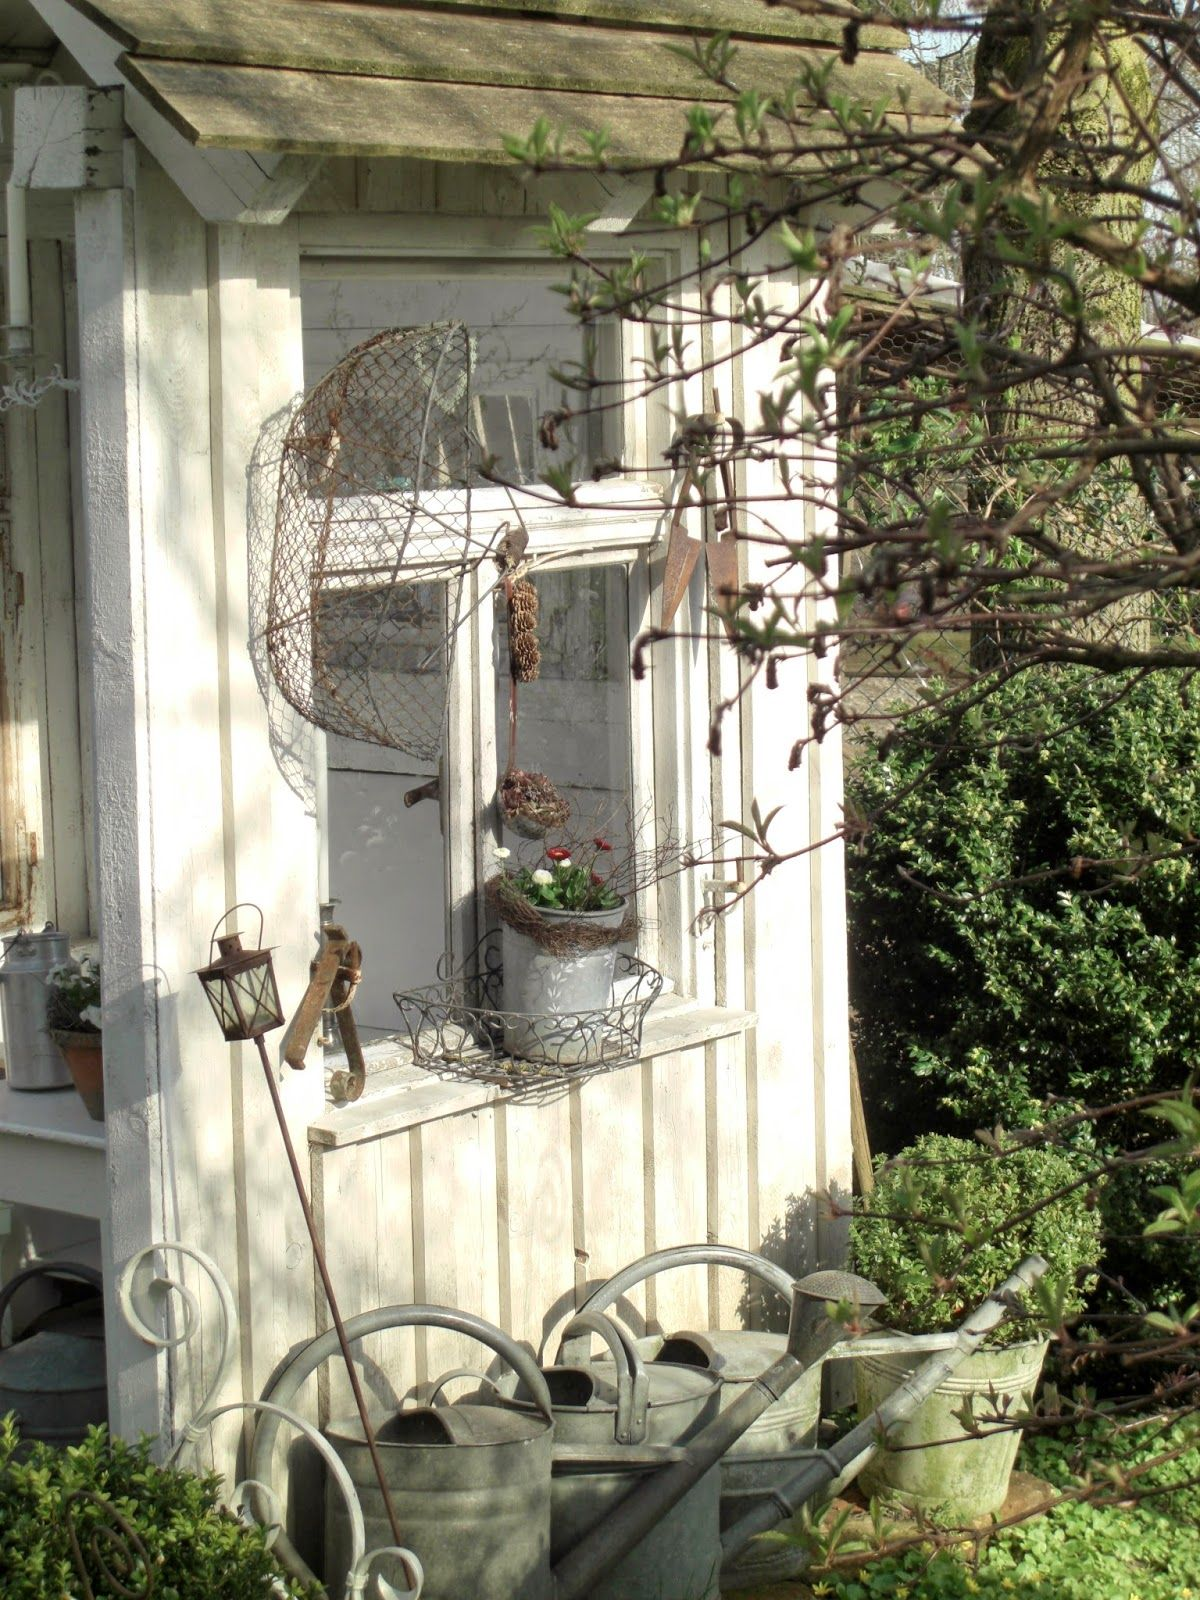 Landliebe cottage garden gartenzeugs pinterest - Cottage garten terrasse ...